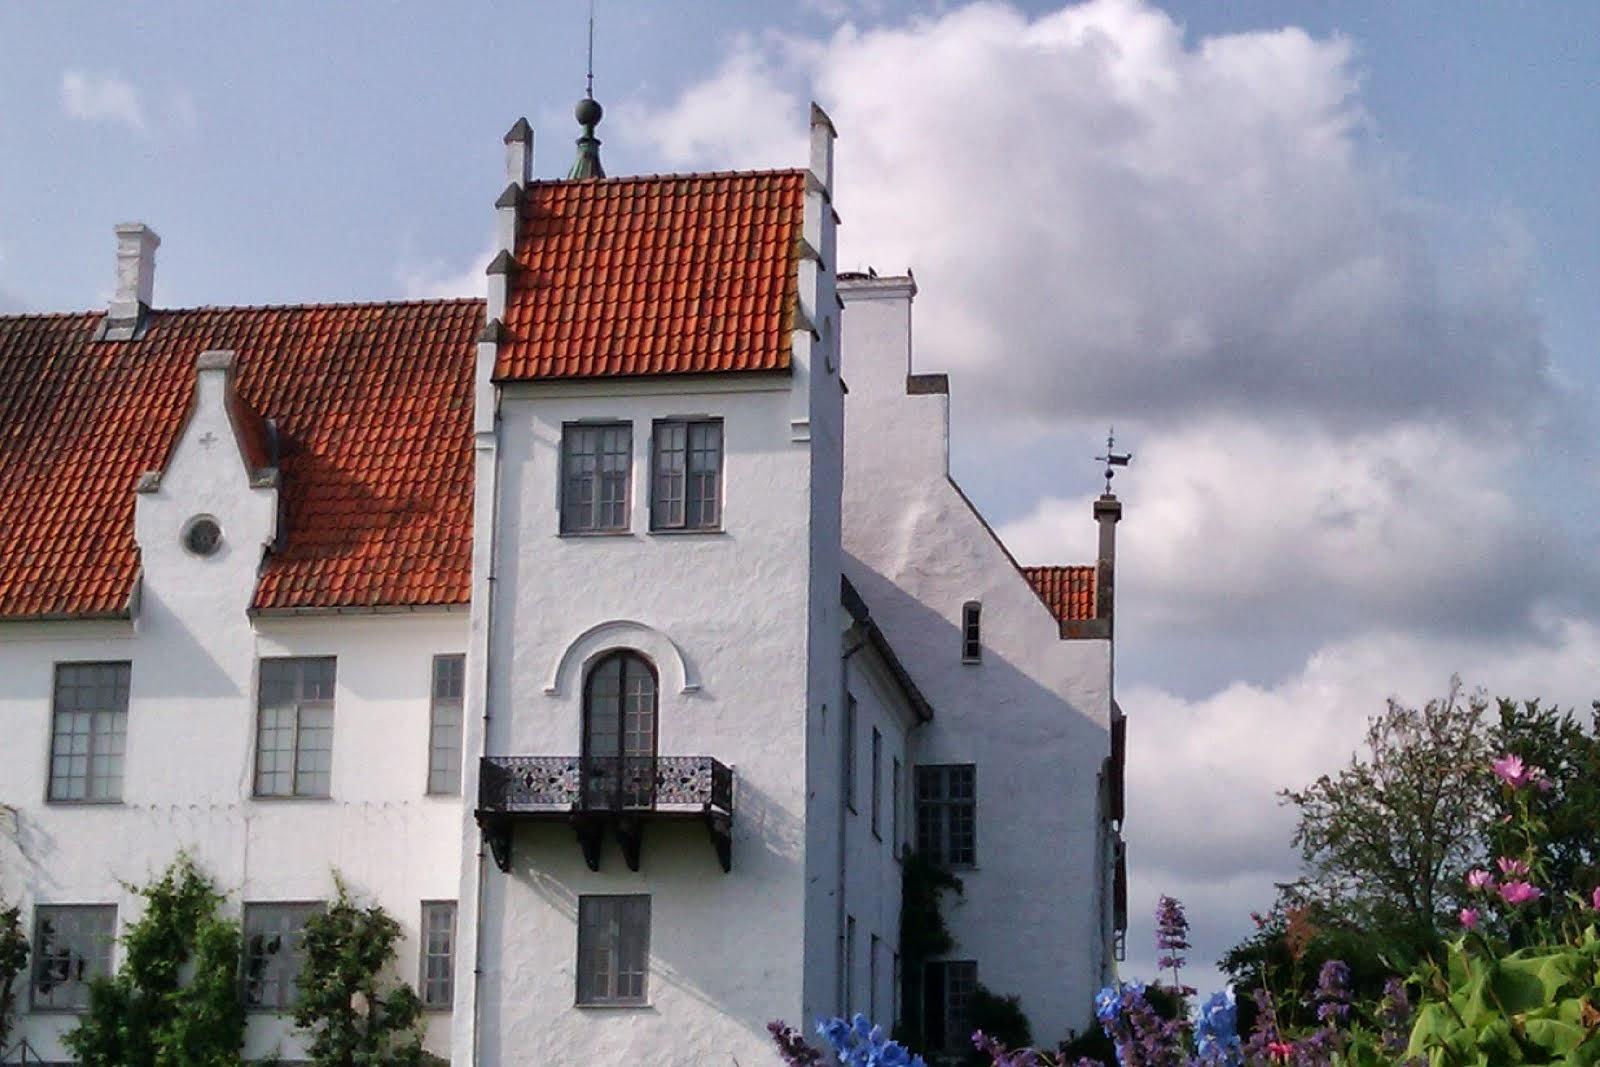 Slottet i mittennav SKåne Bosjökloster